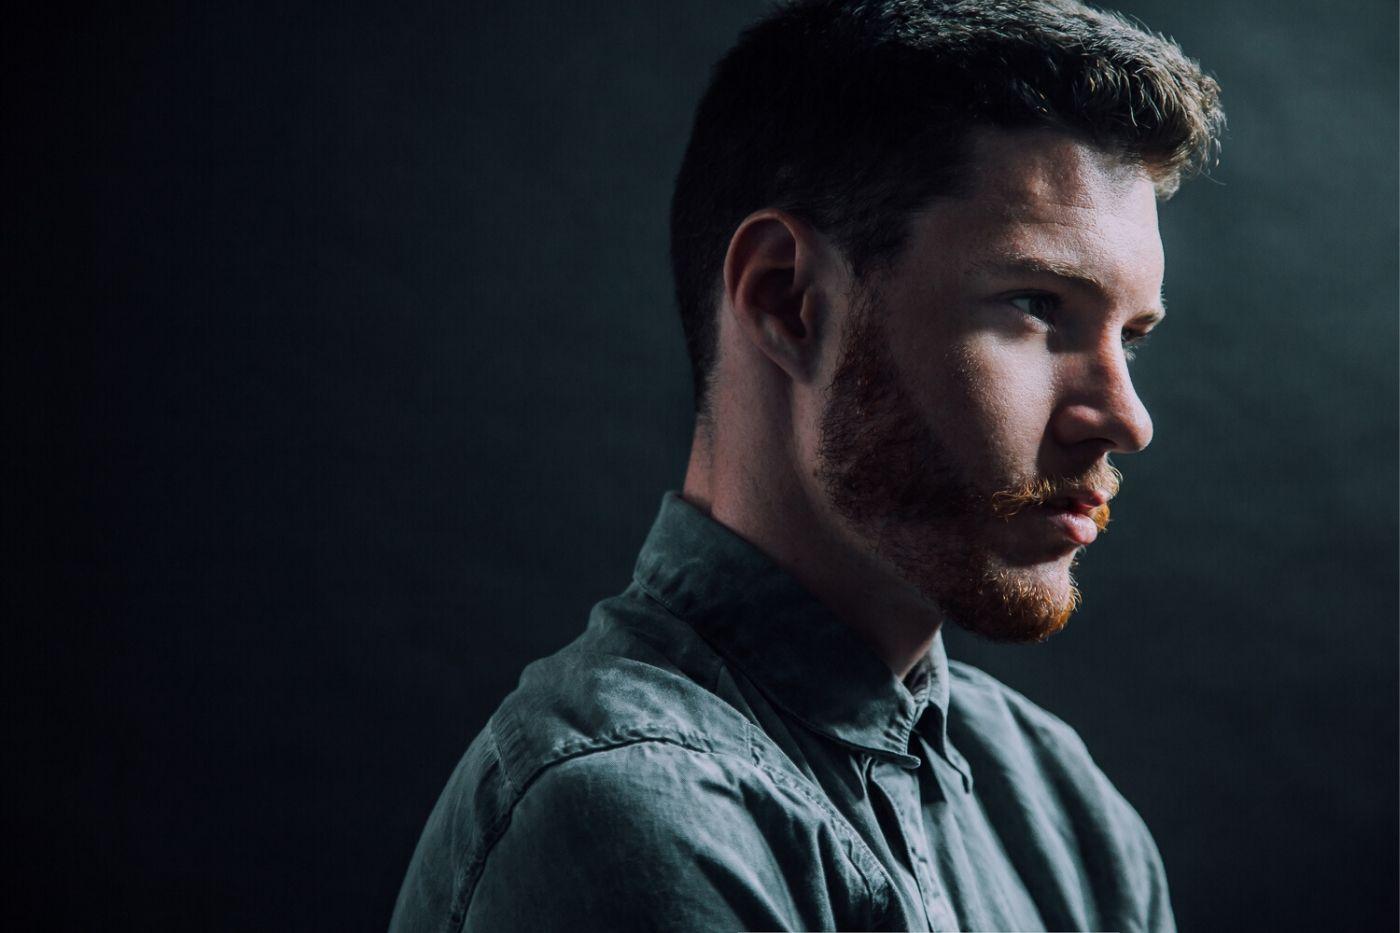 Sam Higginson (Acoustic Guitarist)